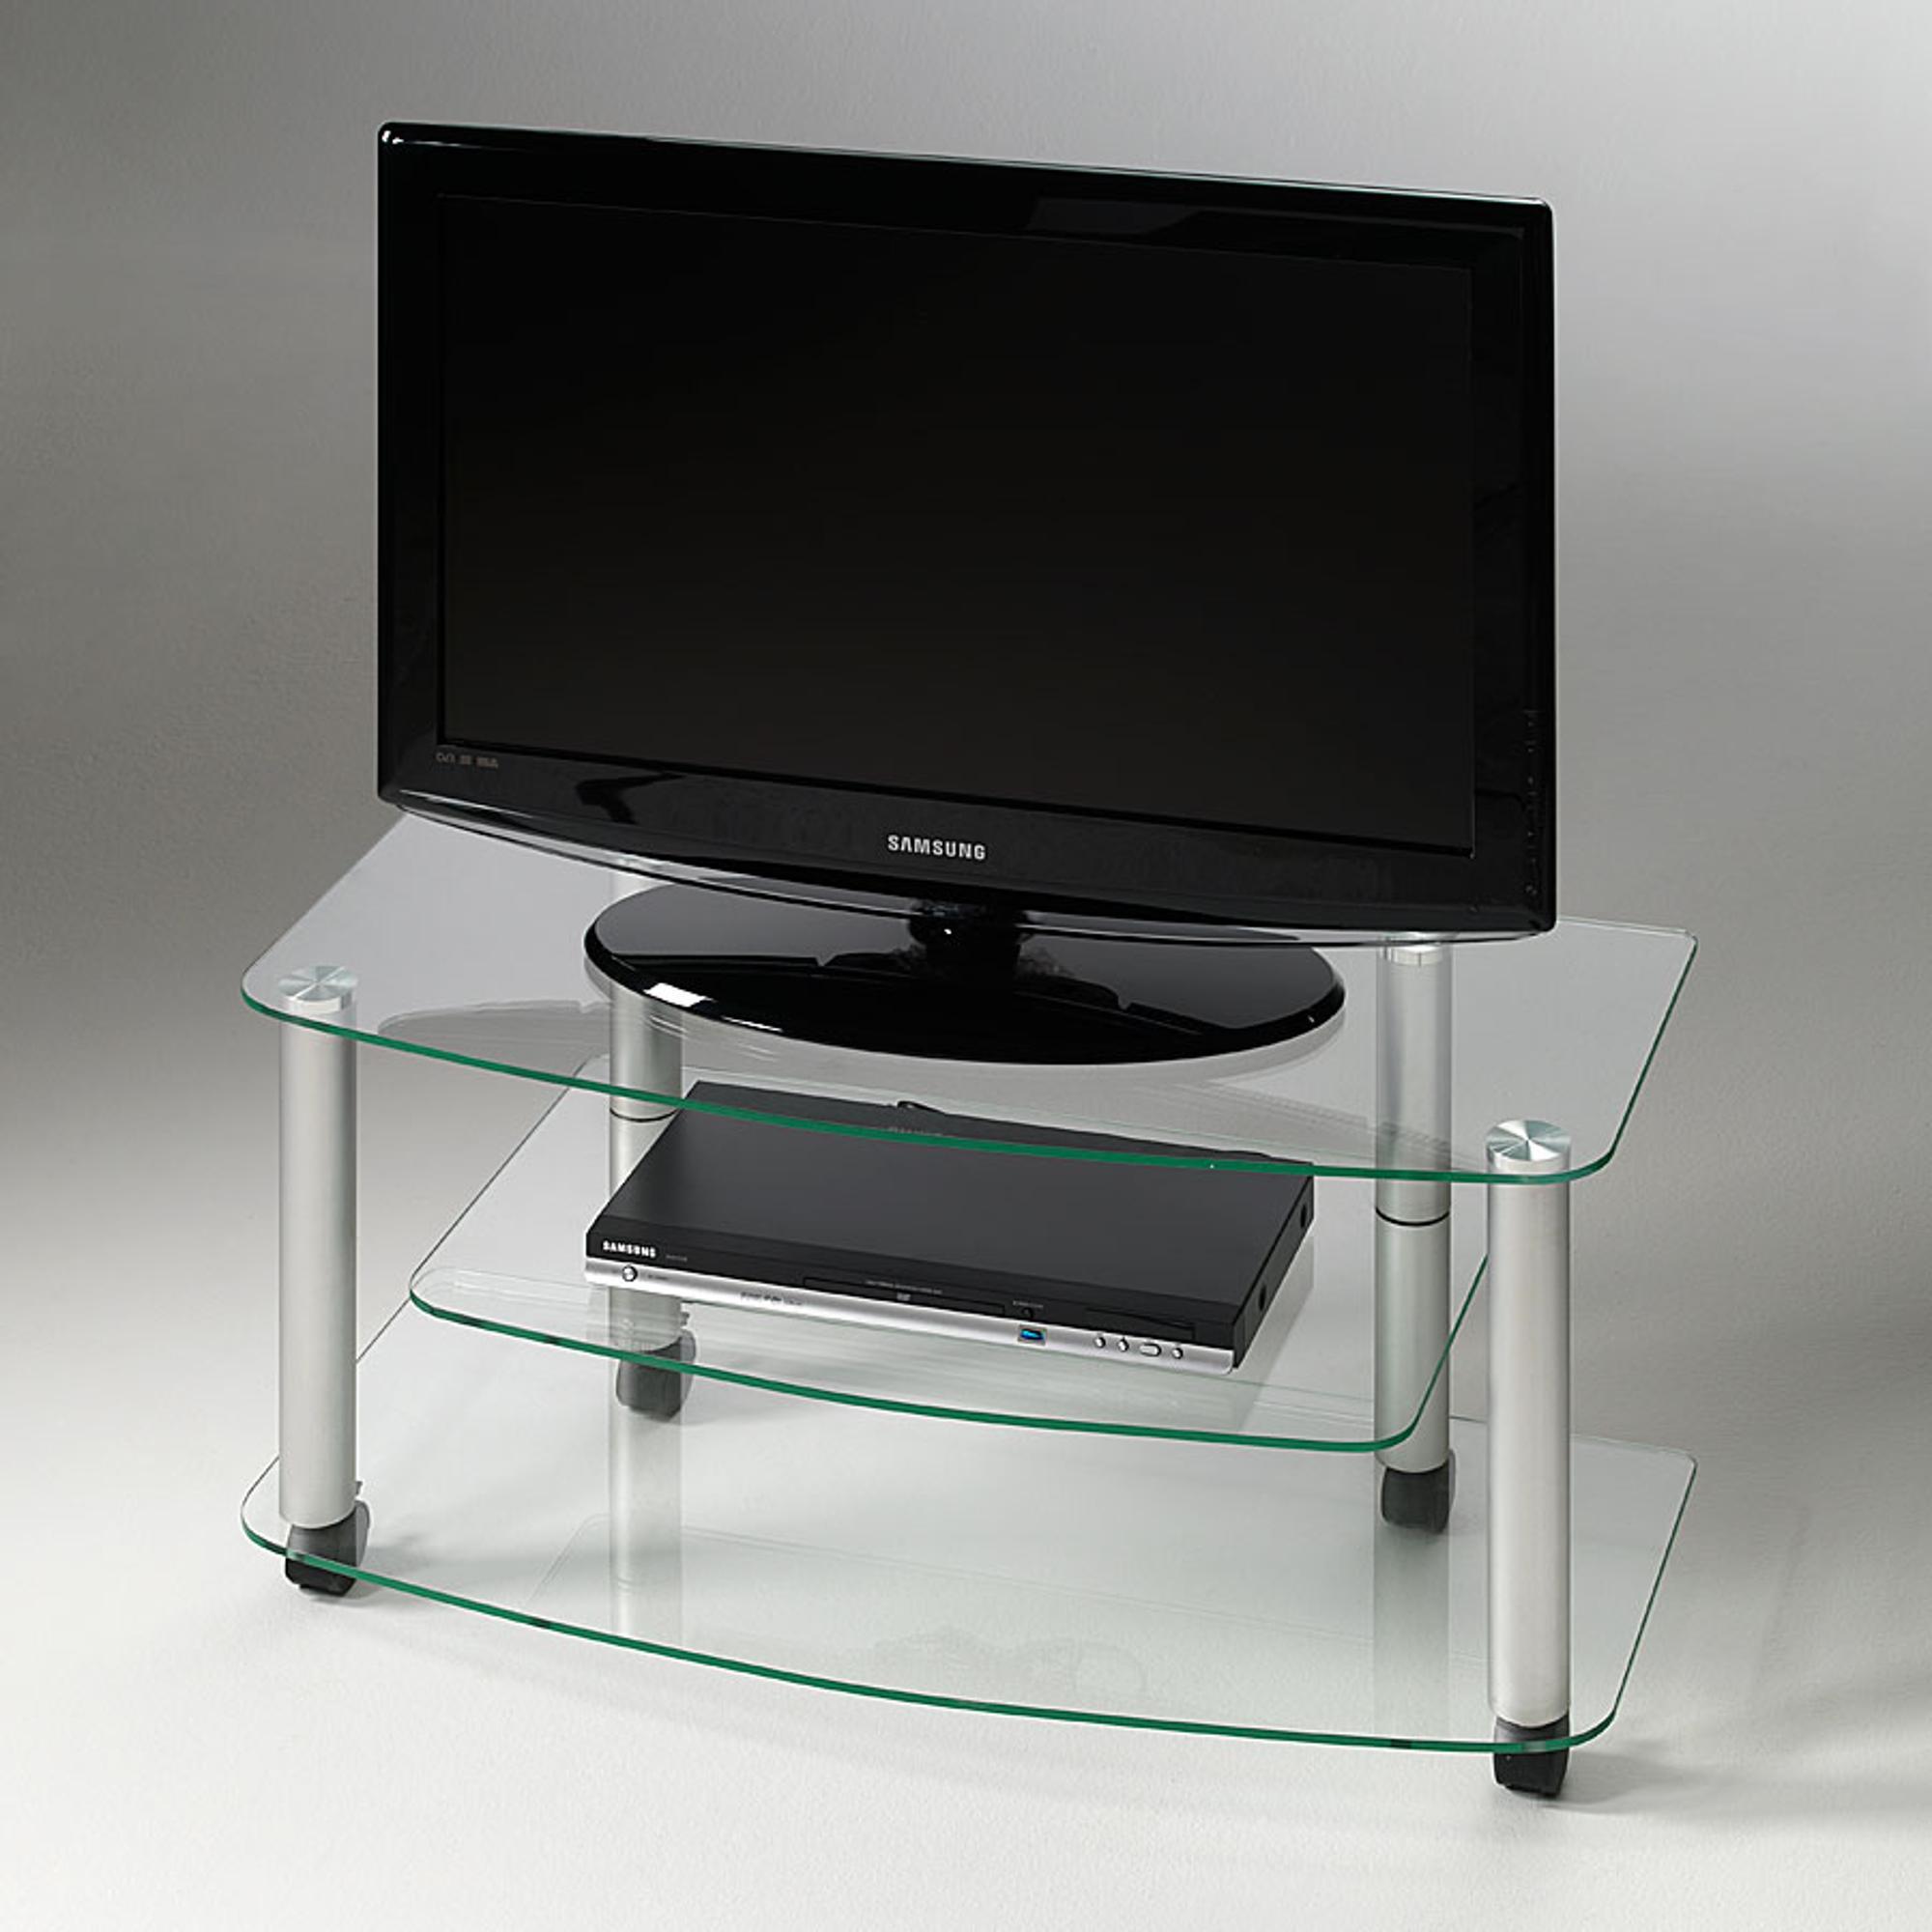 Carrello porta tv03 90x40x43h cm ripiani in vetro - Mobile stiro mondo convenienza ...